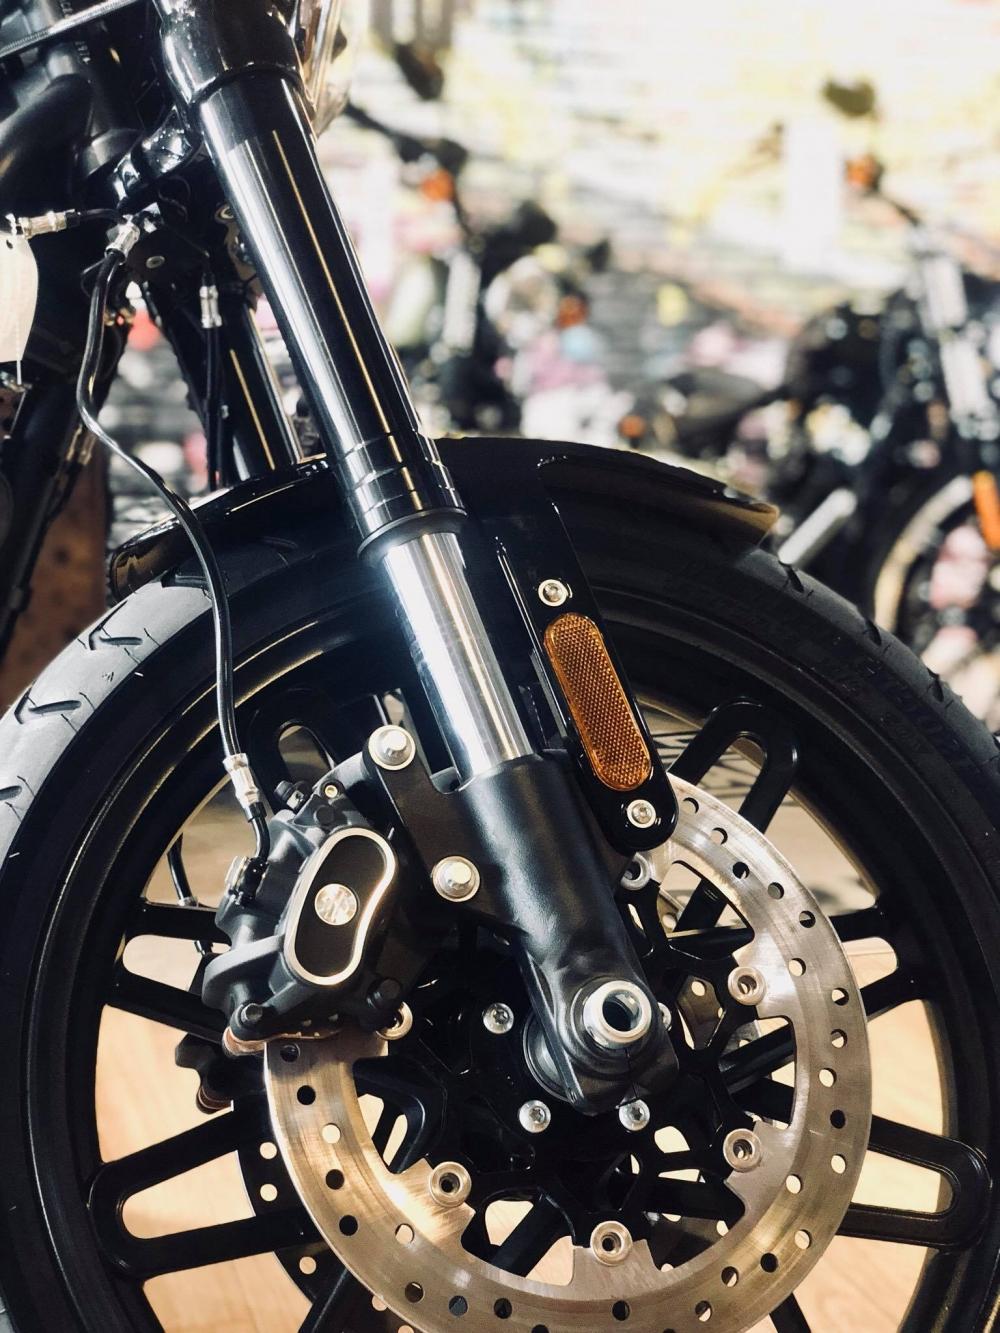 Harley Davidson Roadster Vivid Black 0906261092 Lan - 9